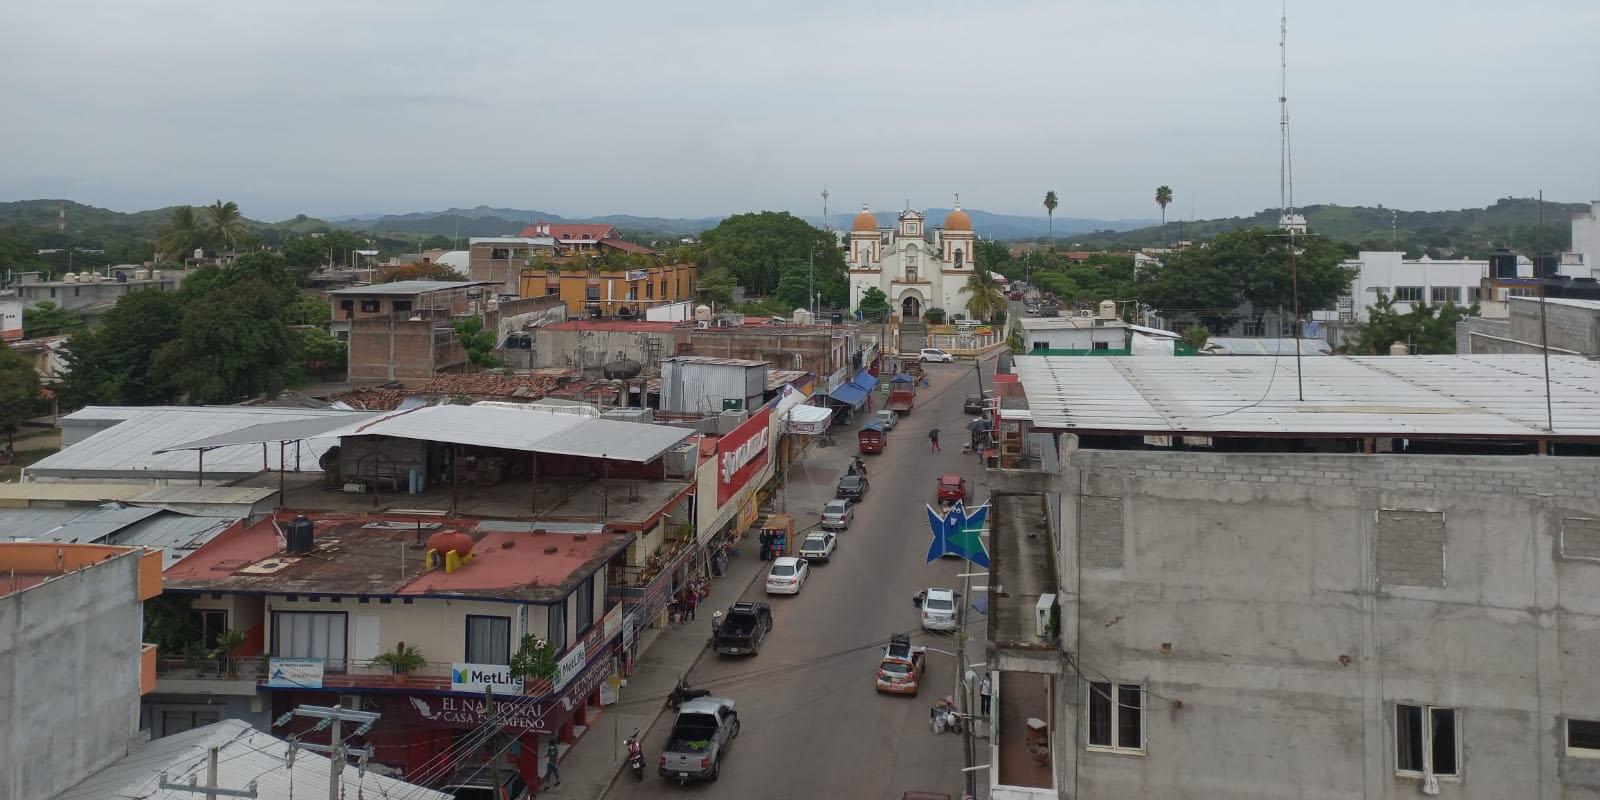 Realizarán simulacro de sismo | El Imparcial de Oaxaca